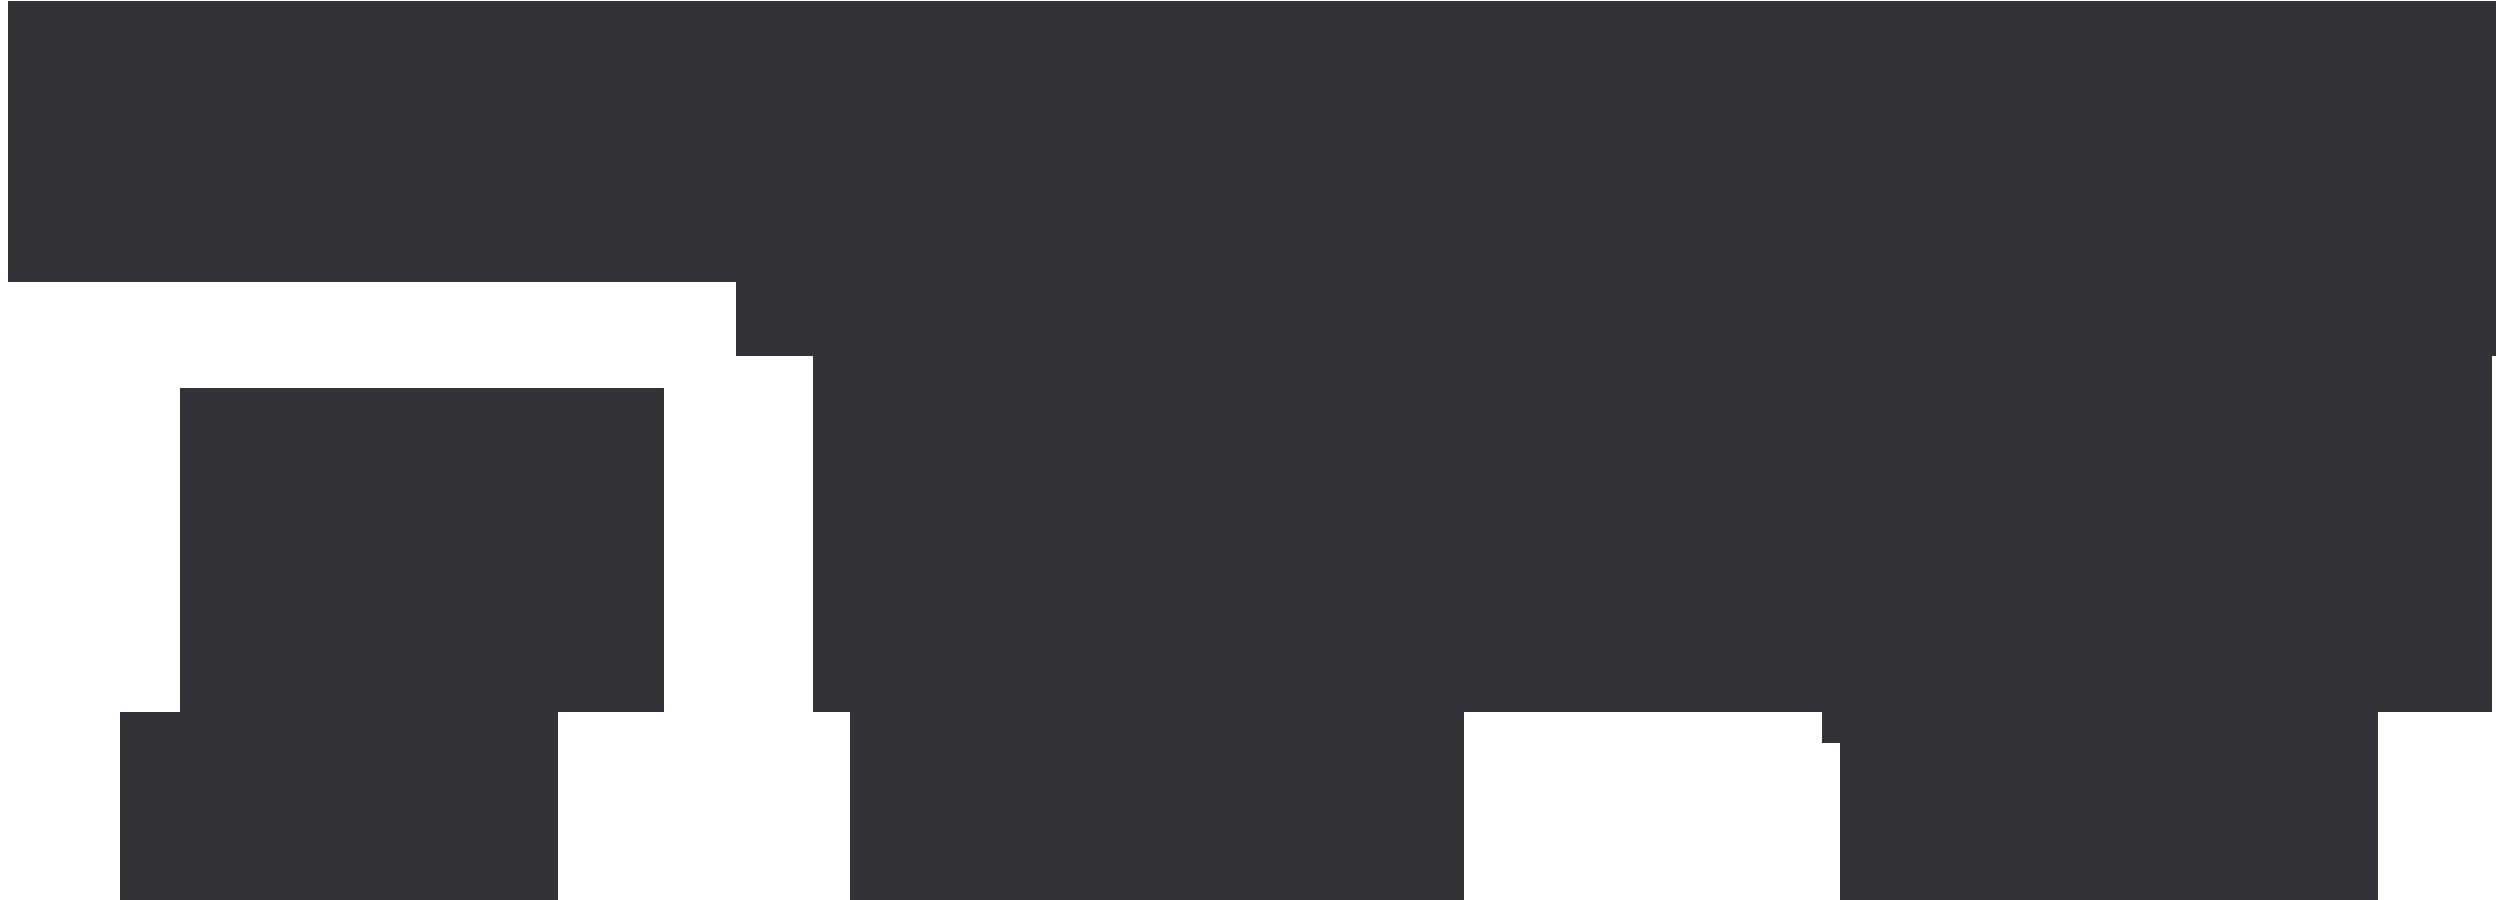 20190426_TVR_logo.png